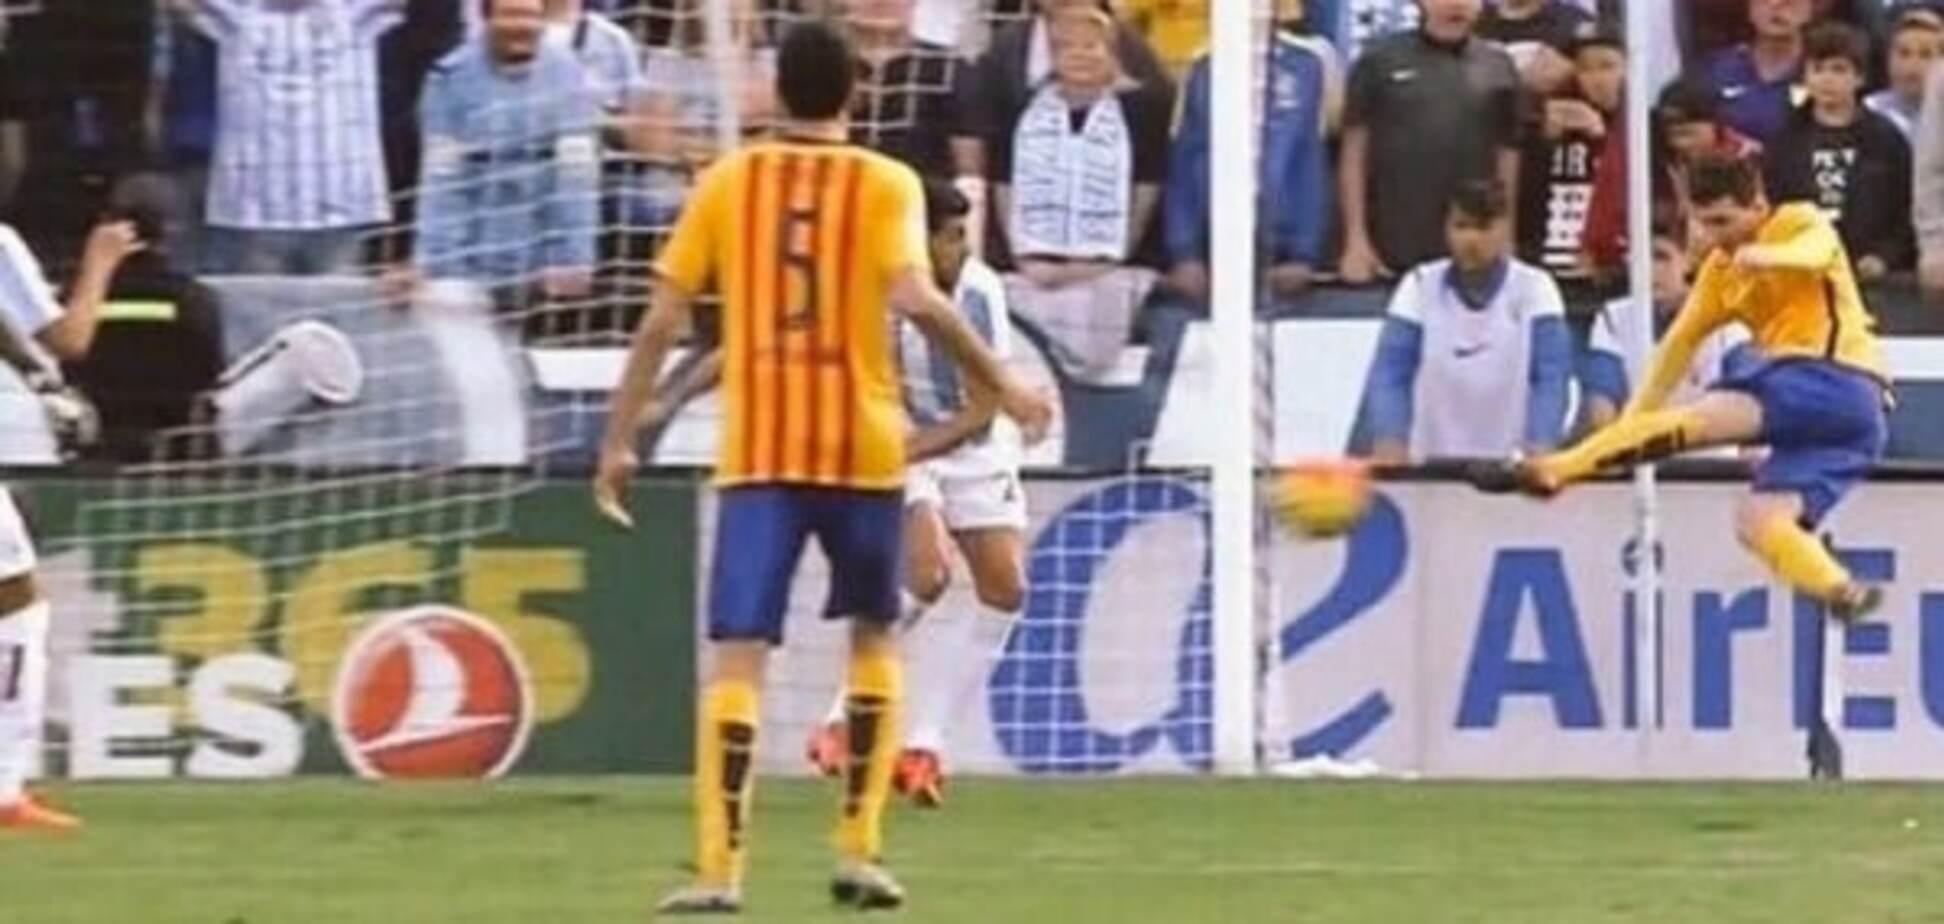 Месси забил роскошный гол боковыми ножницами в матче чемпионата Испании: видео шедевра